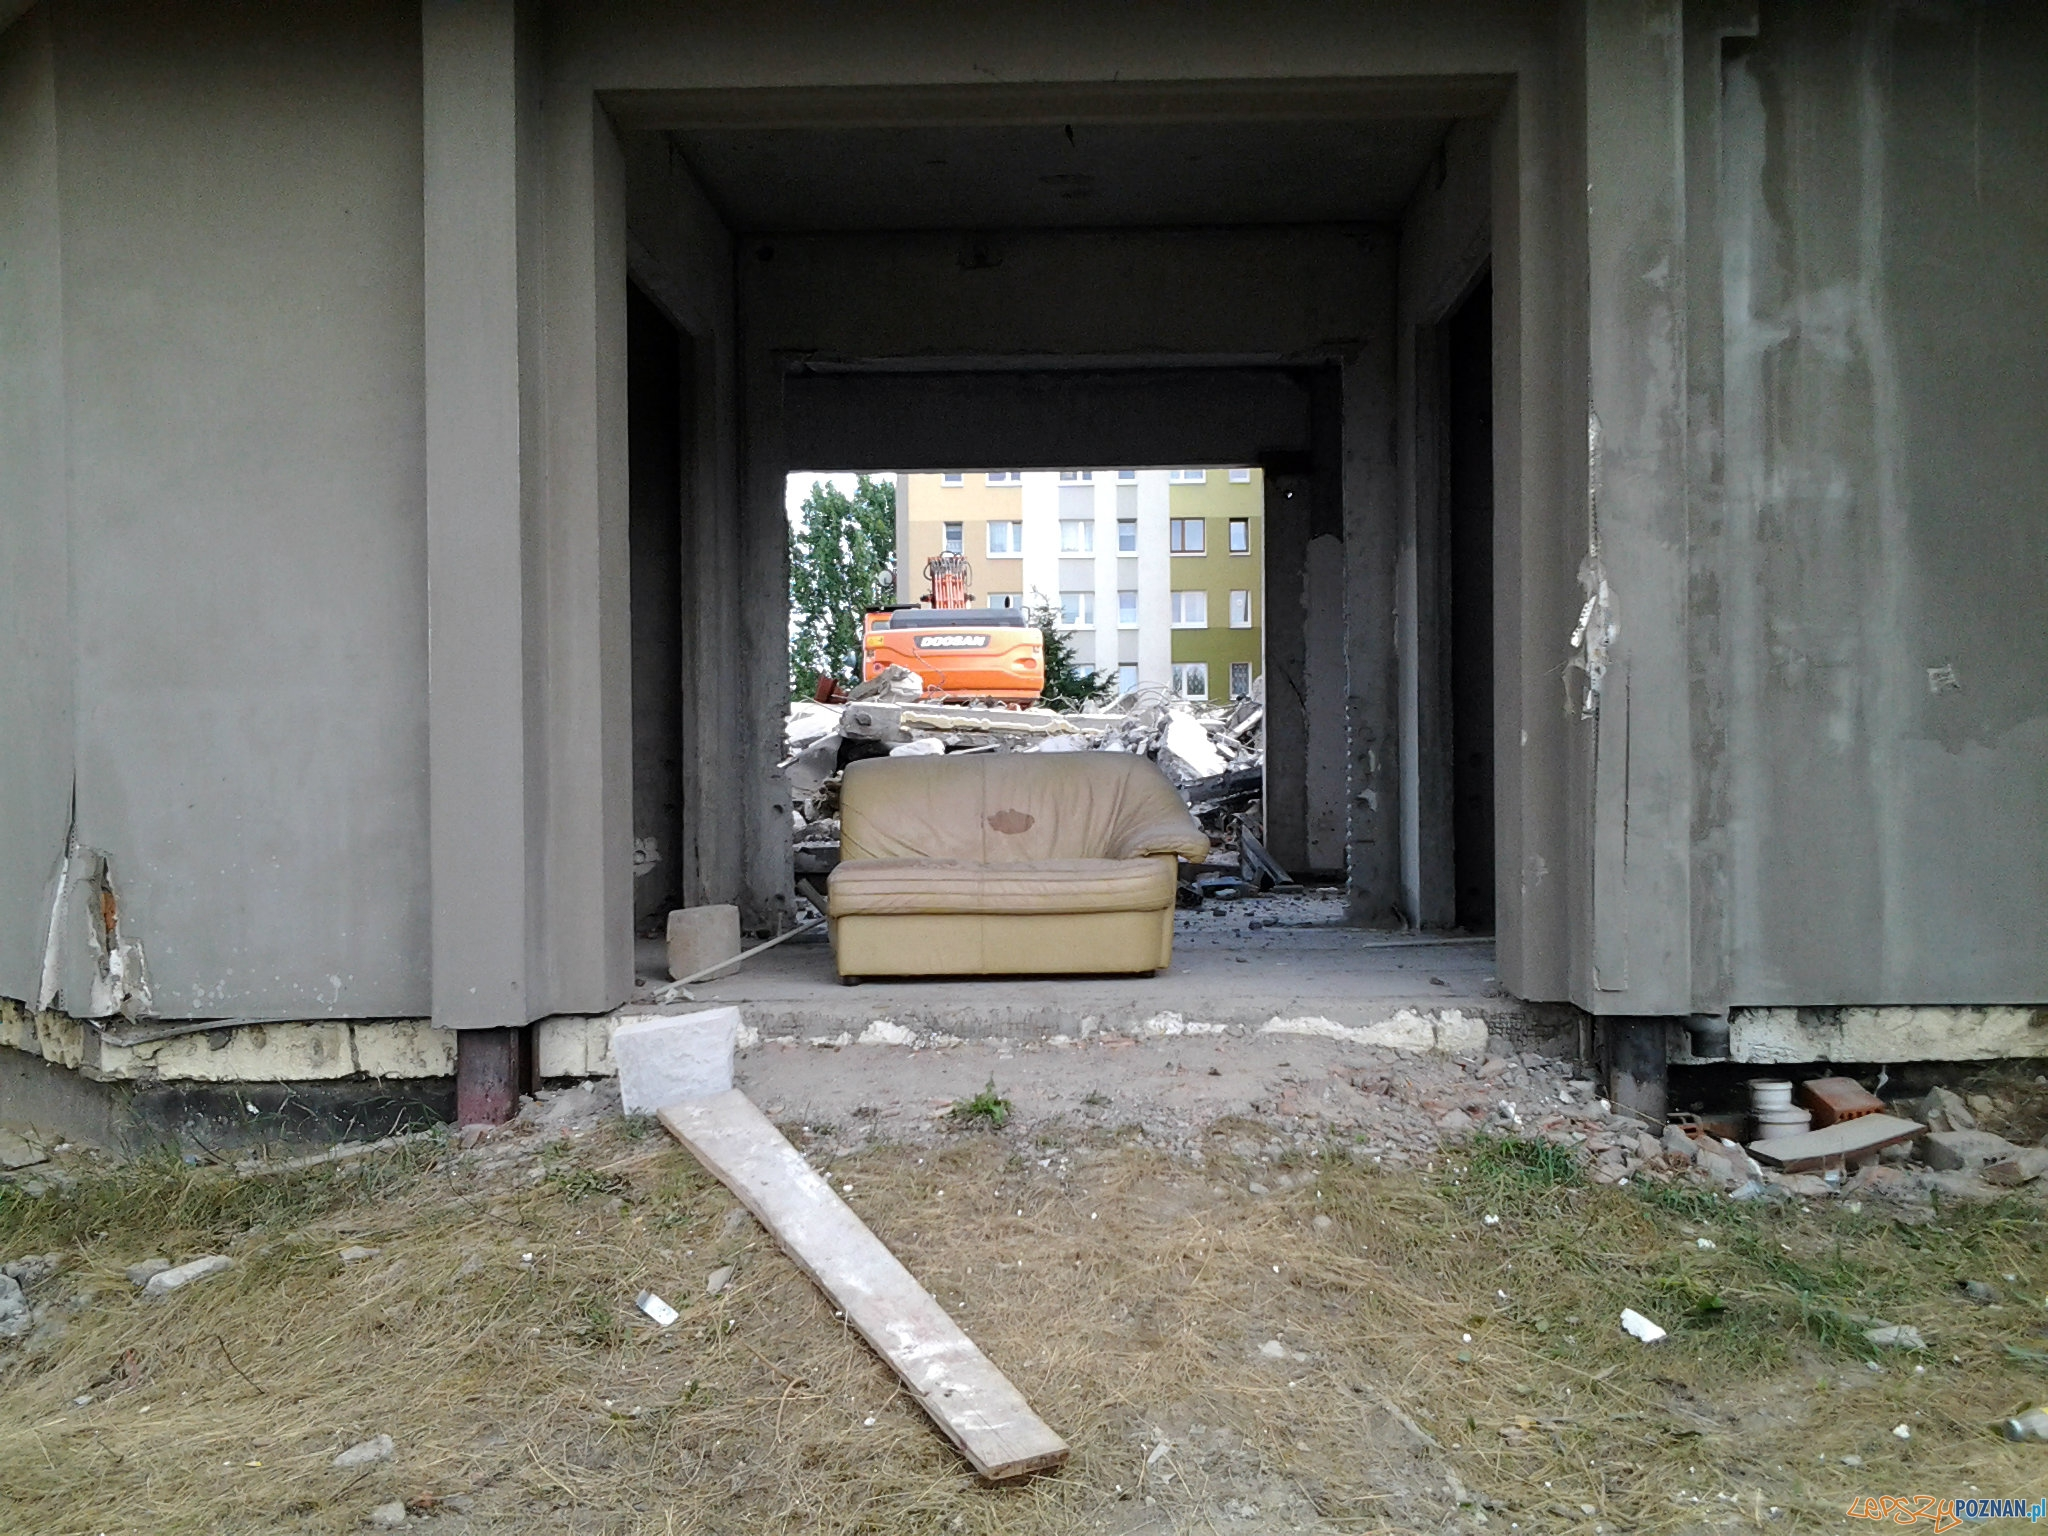 Rozbiórka domu kultury na os. B. Śmiałego  Foto: lepszyPOZNAN.pl / tab